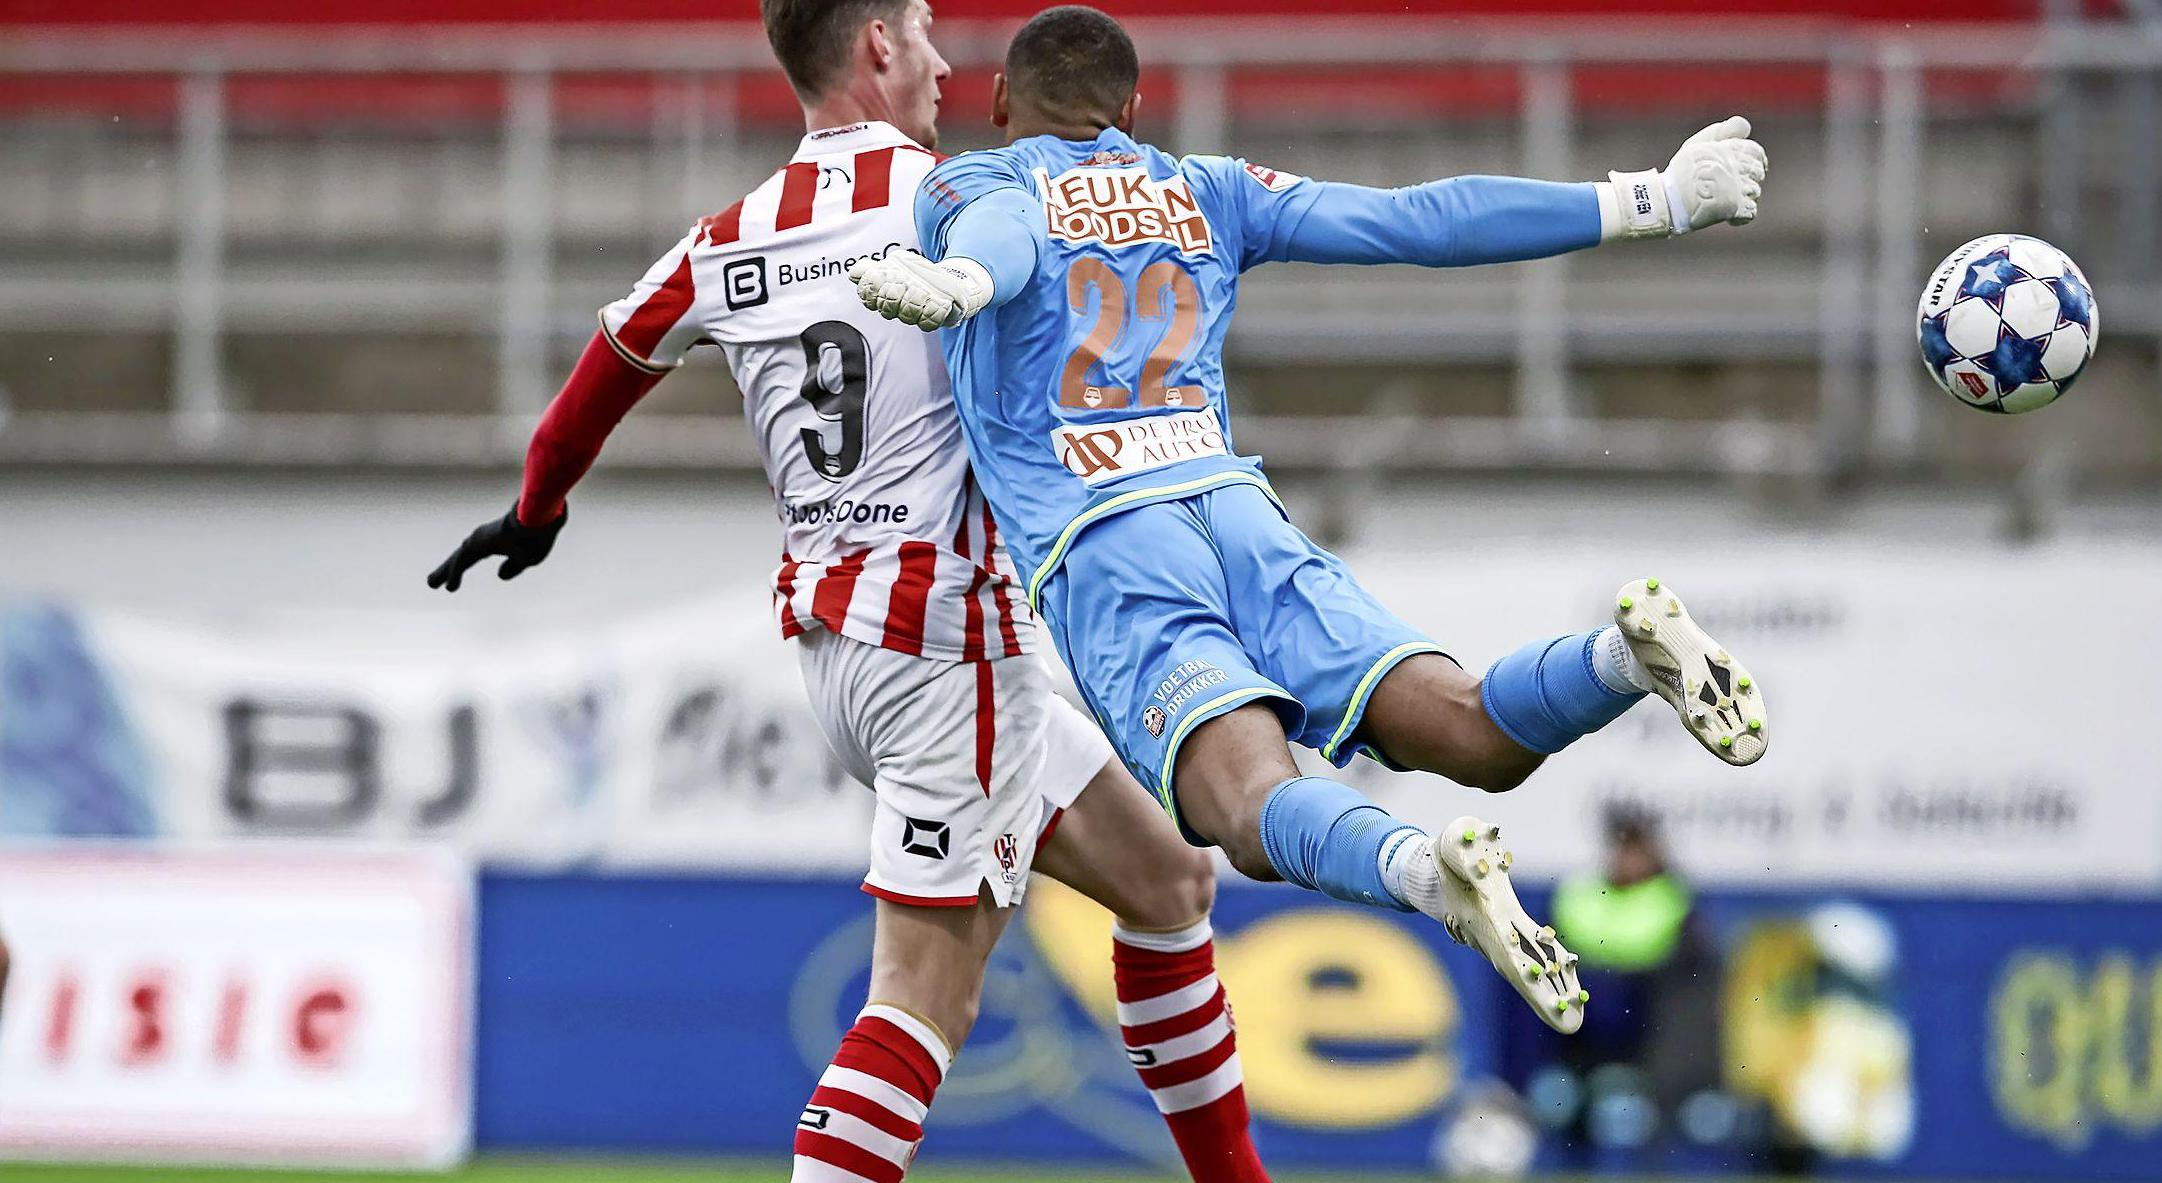 Problemen FC Volendam kunnen geen toeval zijn: 'Tegen sterke ploegen kunnen we wel de energie opbrengen' [video]